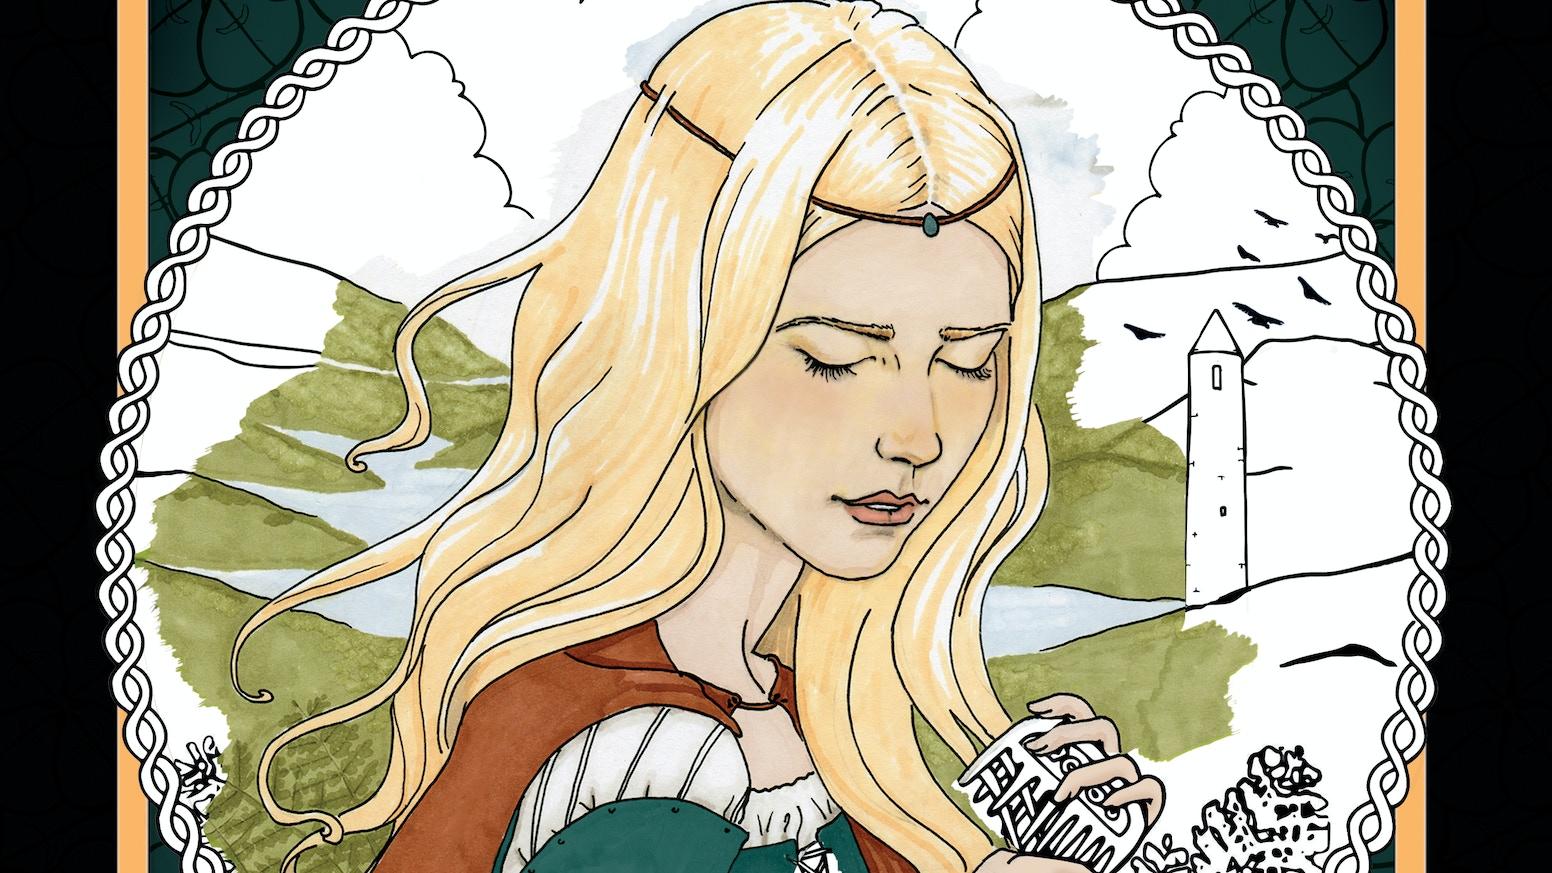 Celtic Colouring by Aurelie S by Aurelie S. — Kickstarter